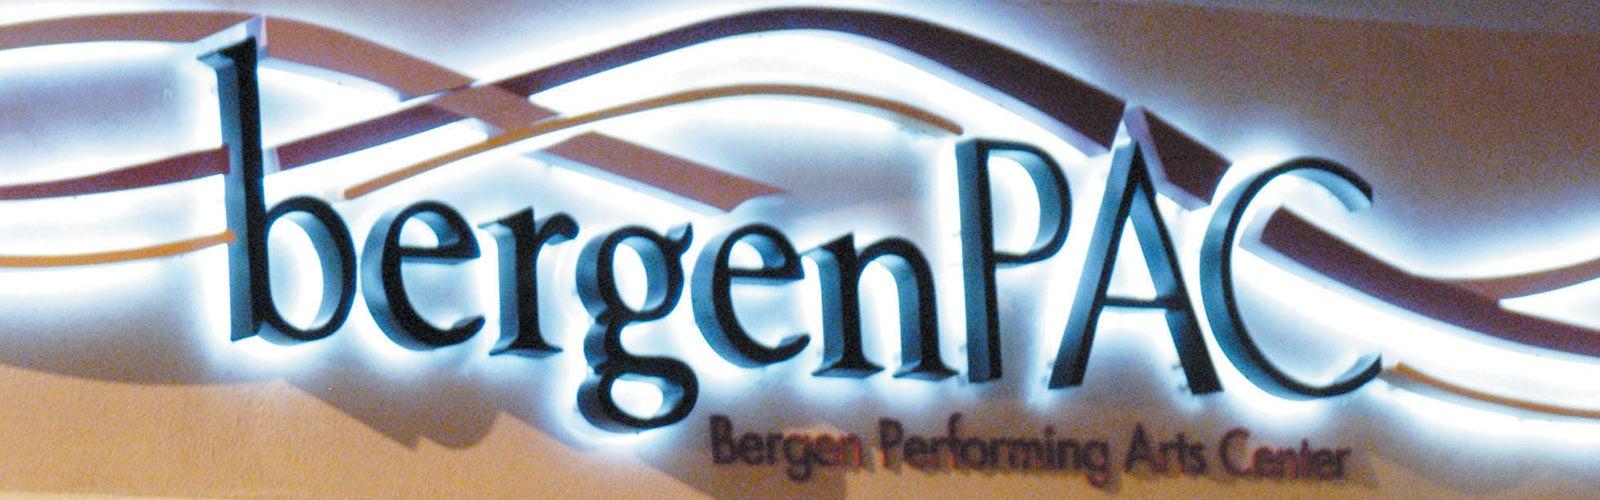 Venues-Englewood-bergenPAC-banner-1600x500.jpg